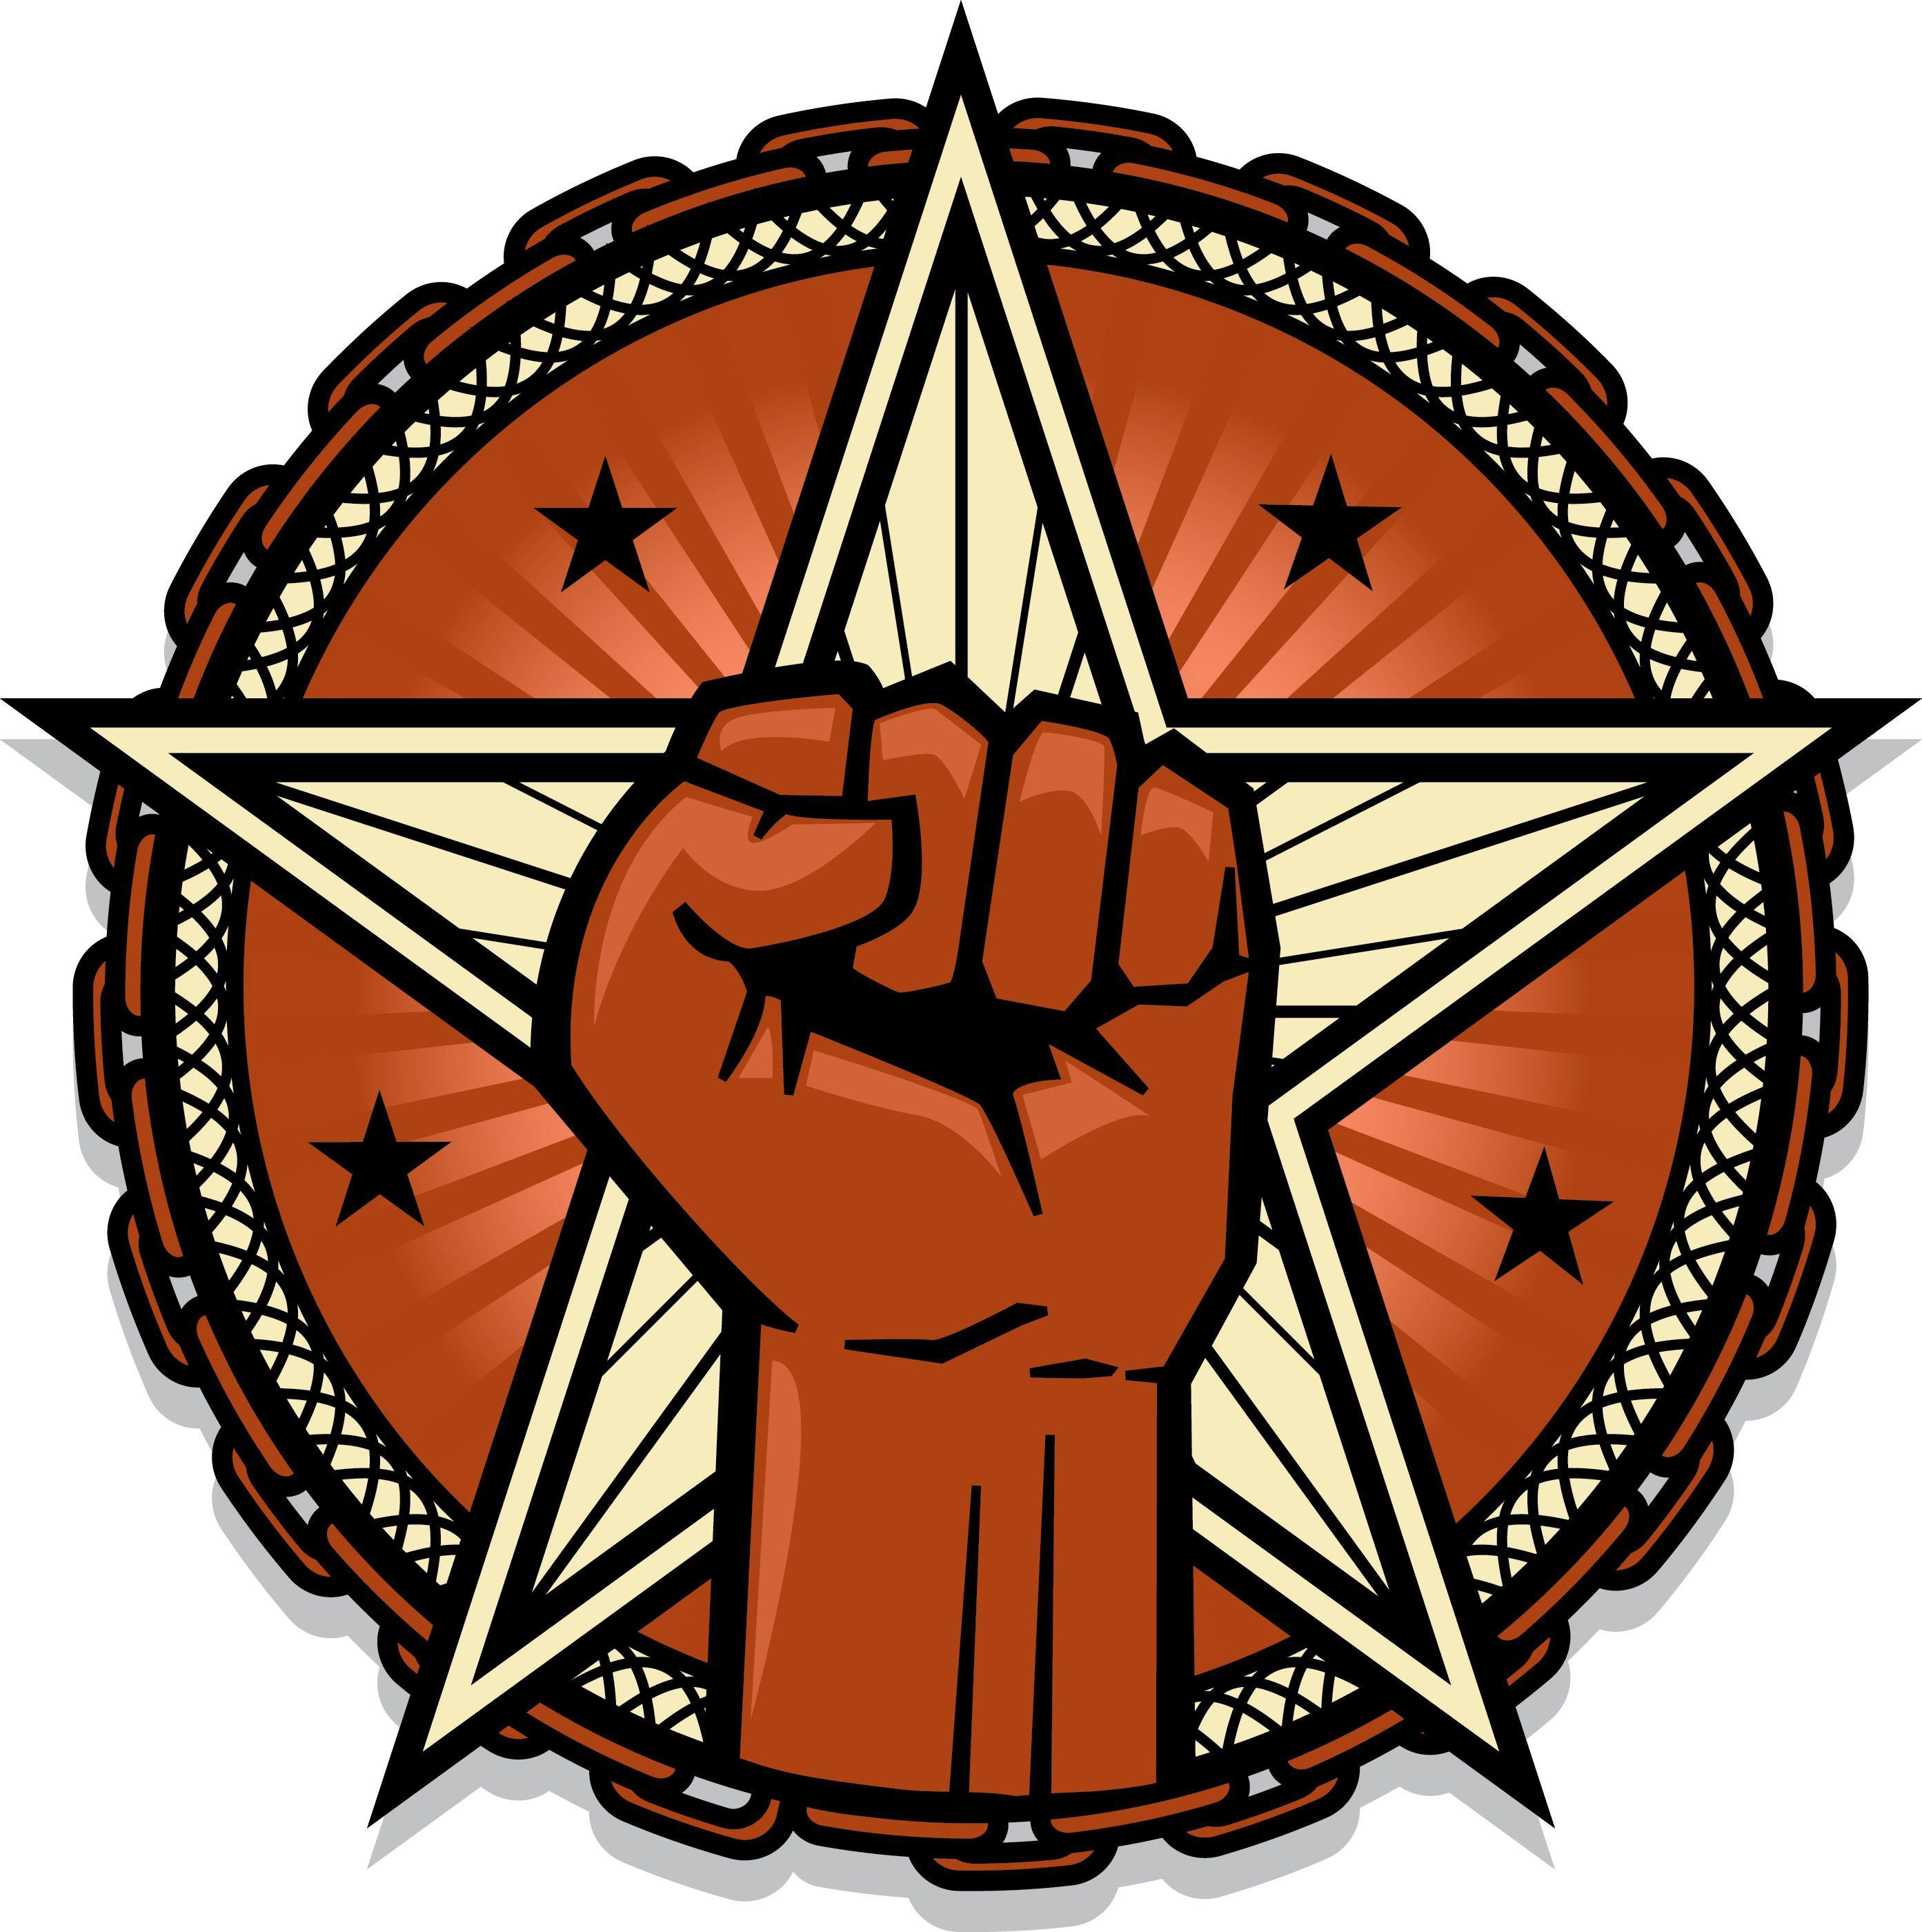 Free fist emblem logo Circular logo, Free logo, Logos